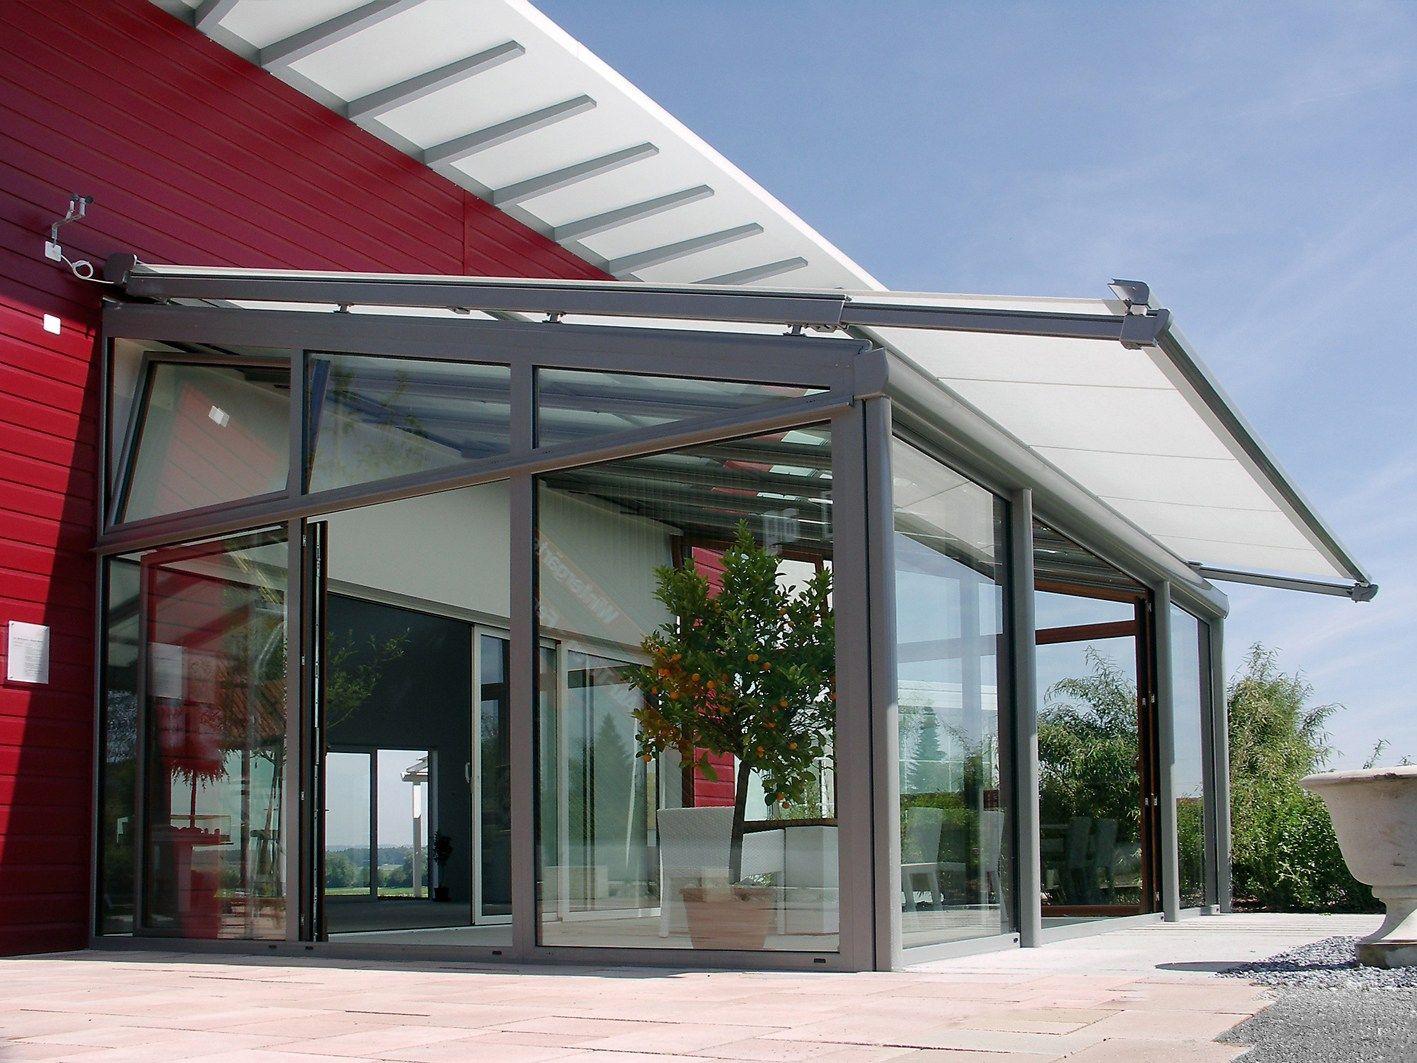 Tende Stobag per giardini d'inverno: ombreggiamento ottimale, design moderno